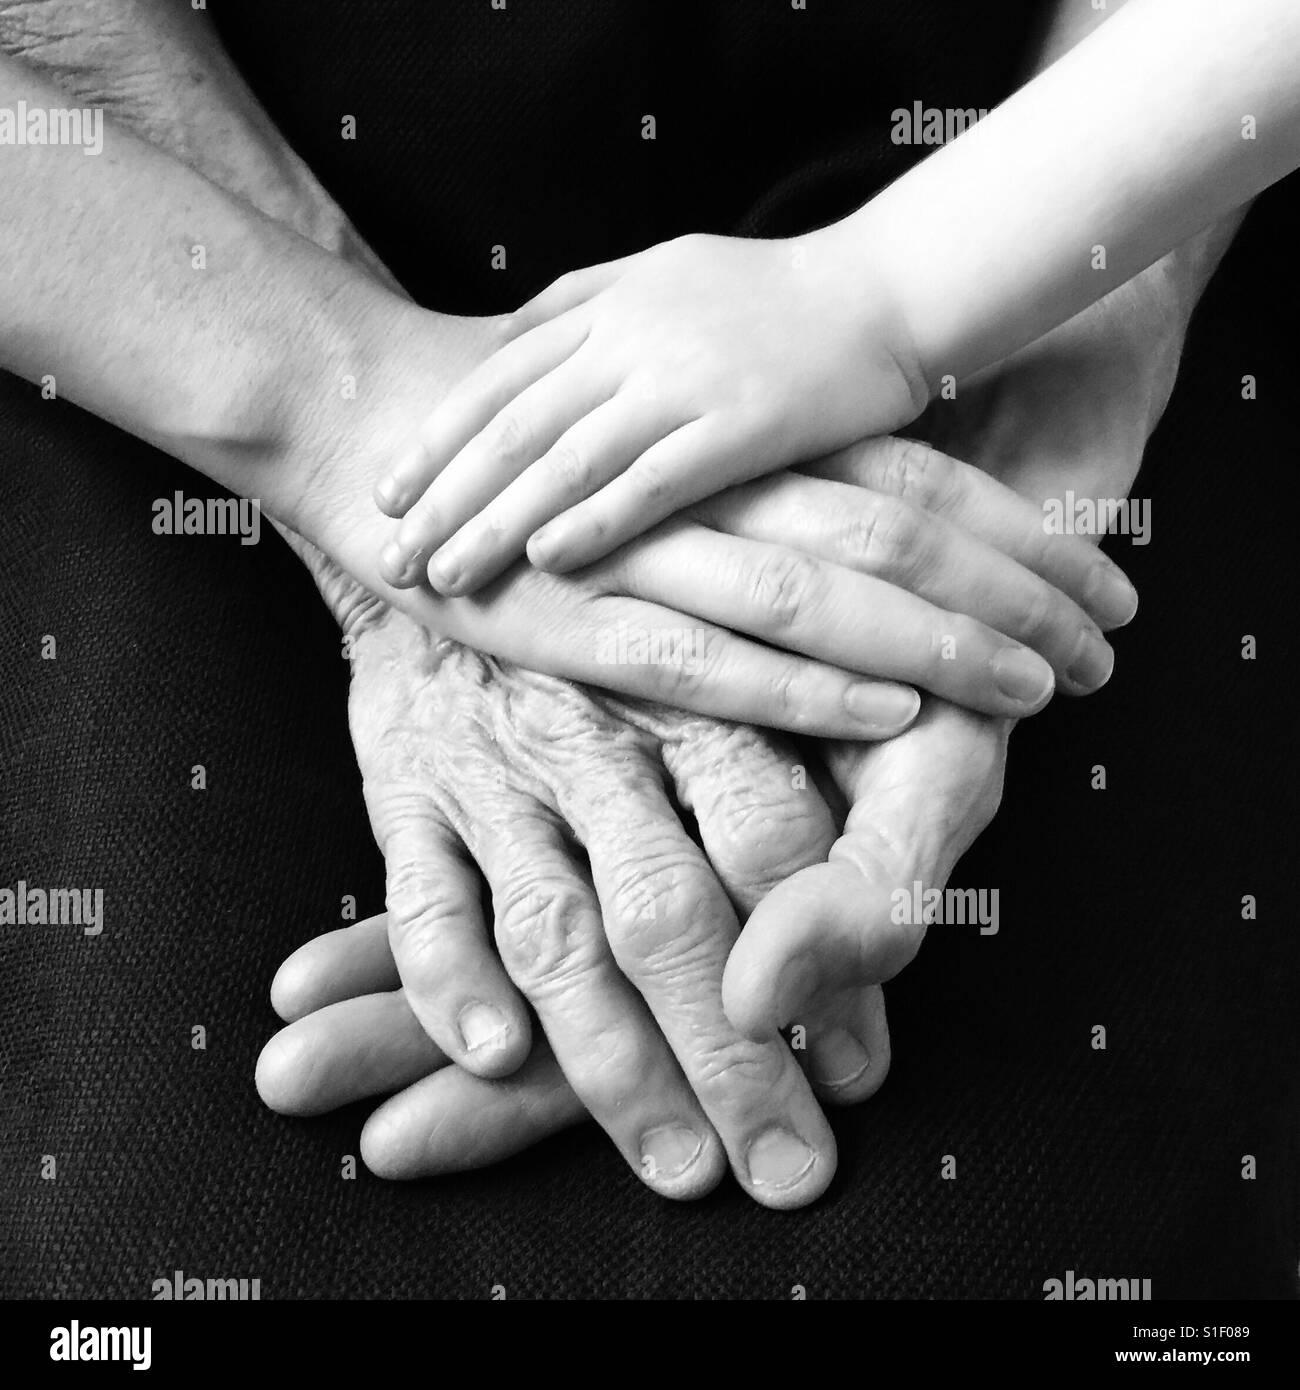 Liebe über drei Generationen hinweg Stockbild